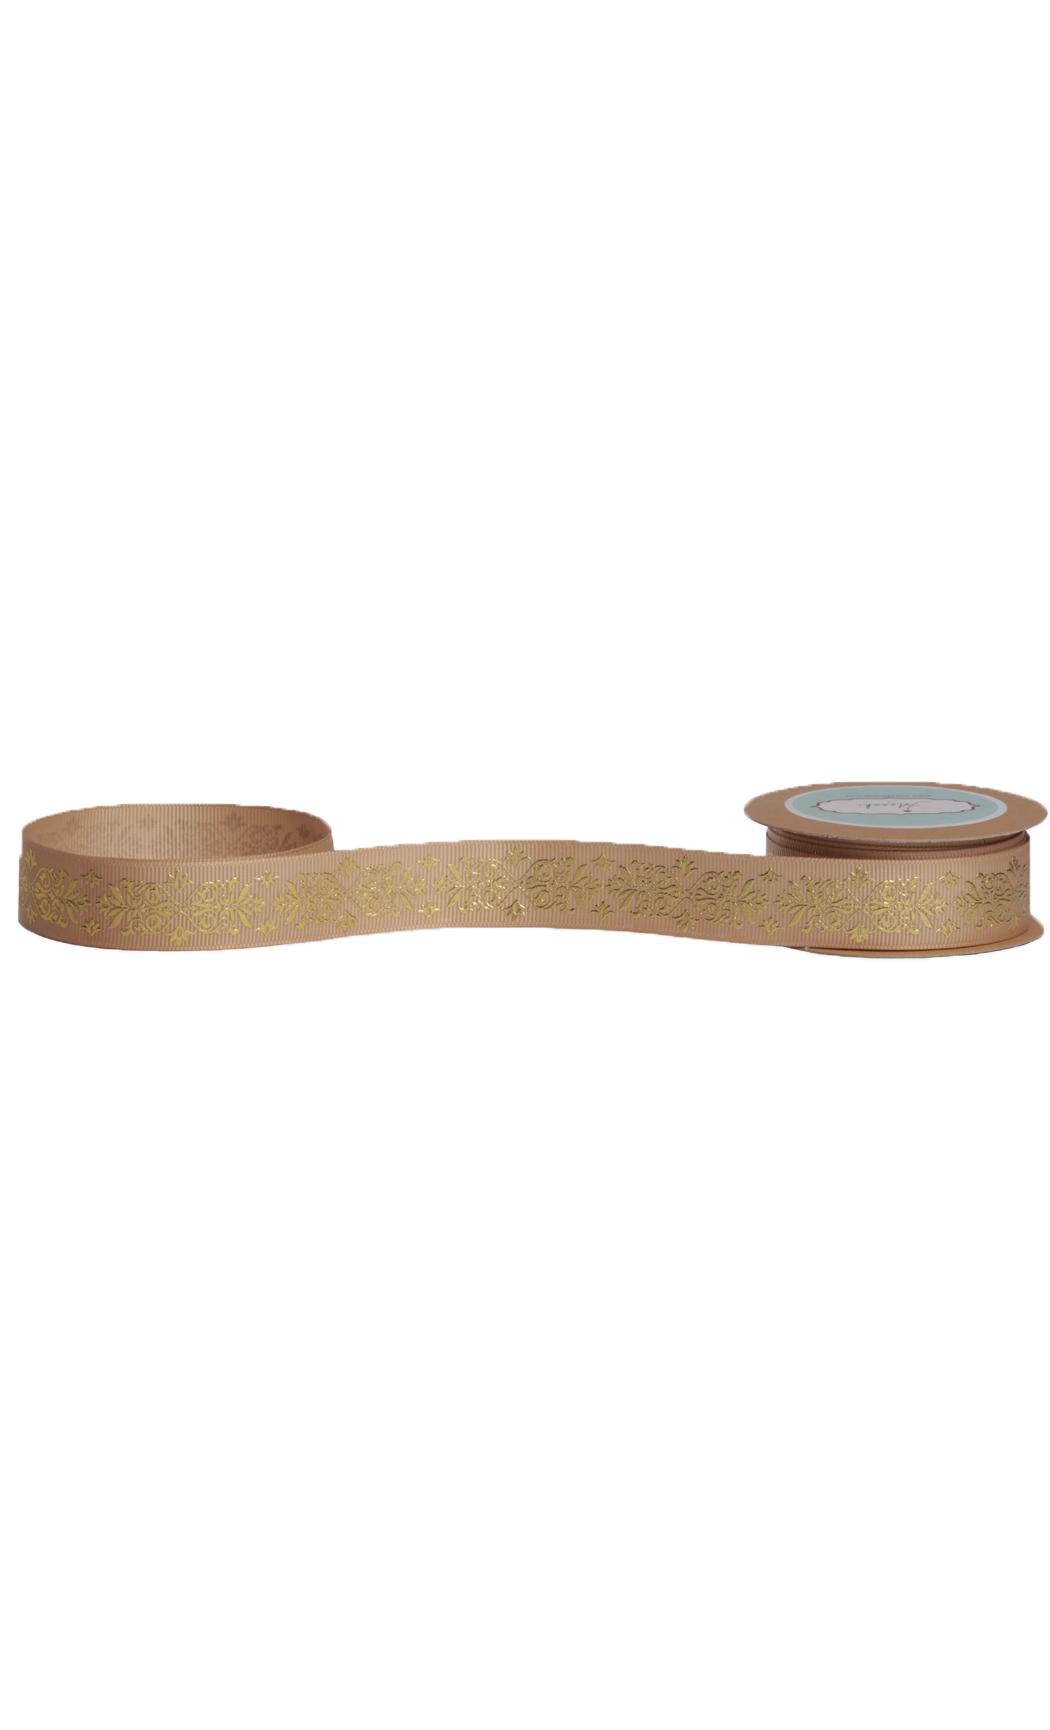 Desert Sand Gold Foiled Ribbon - Buy Online